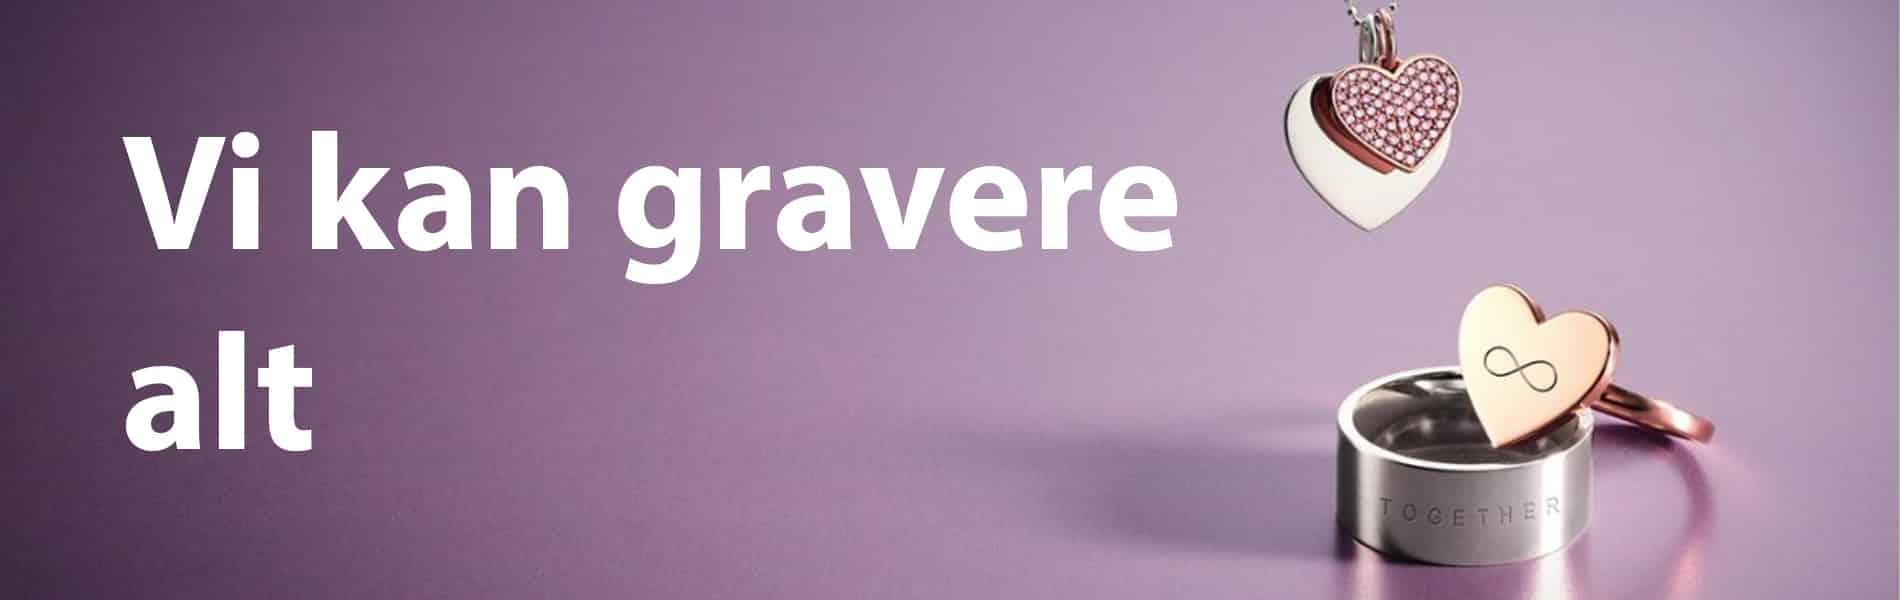 gravering banner